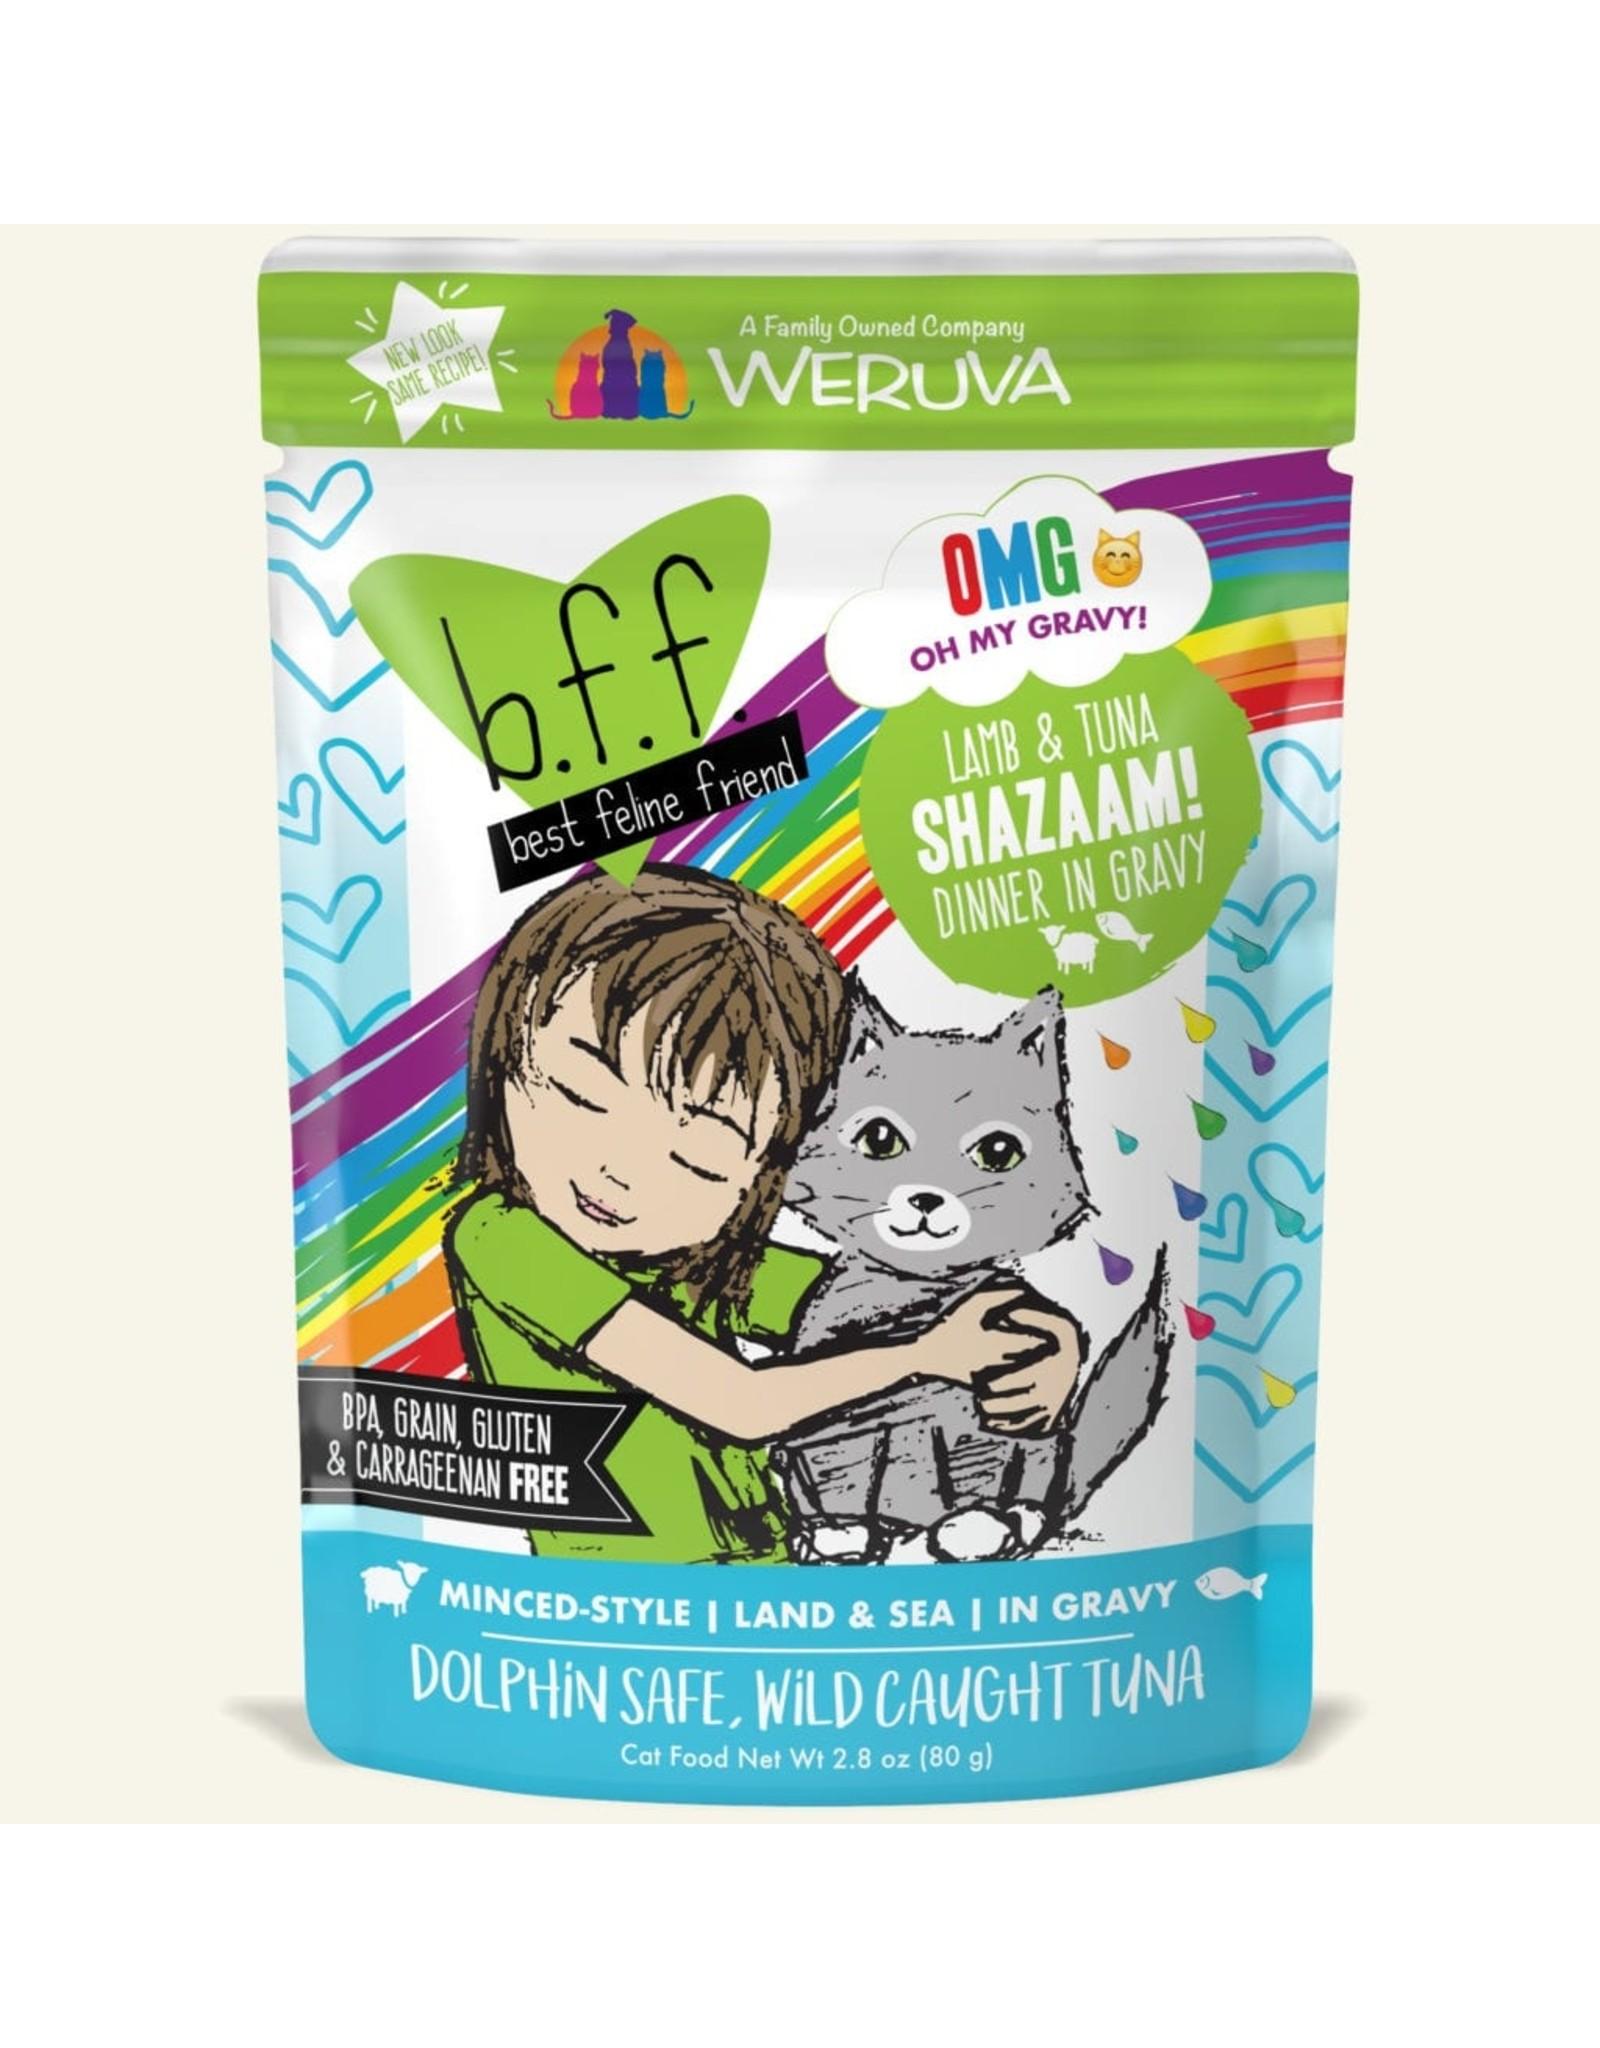 Weruva BFF Weruva B.F.F. OMG Best Feline Friend Oh My Gravy Wet Cat Food Shazaam! Lamb & Tuna Dinner in Gravy 2.8oz Pouch